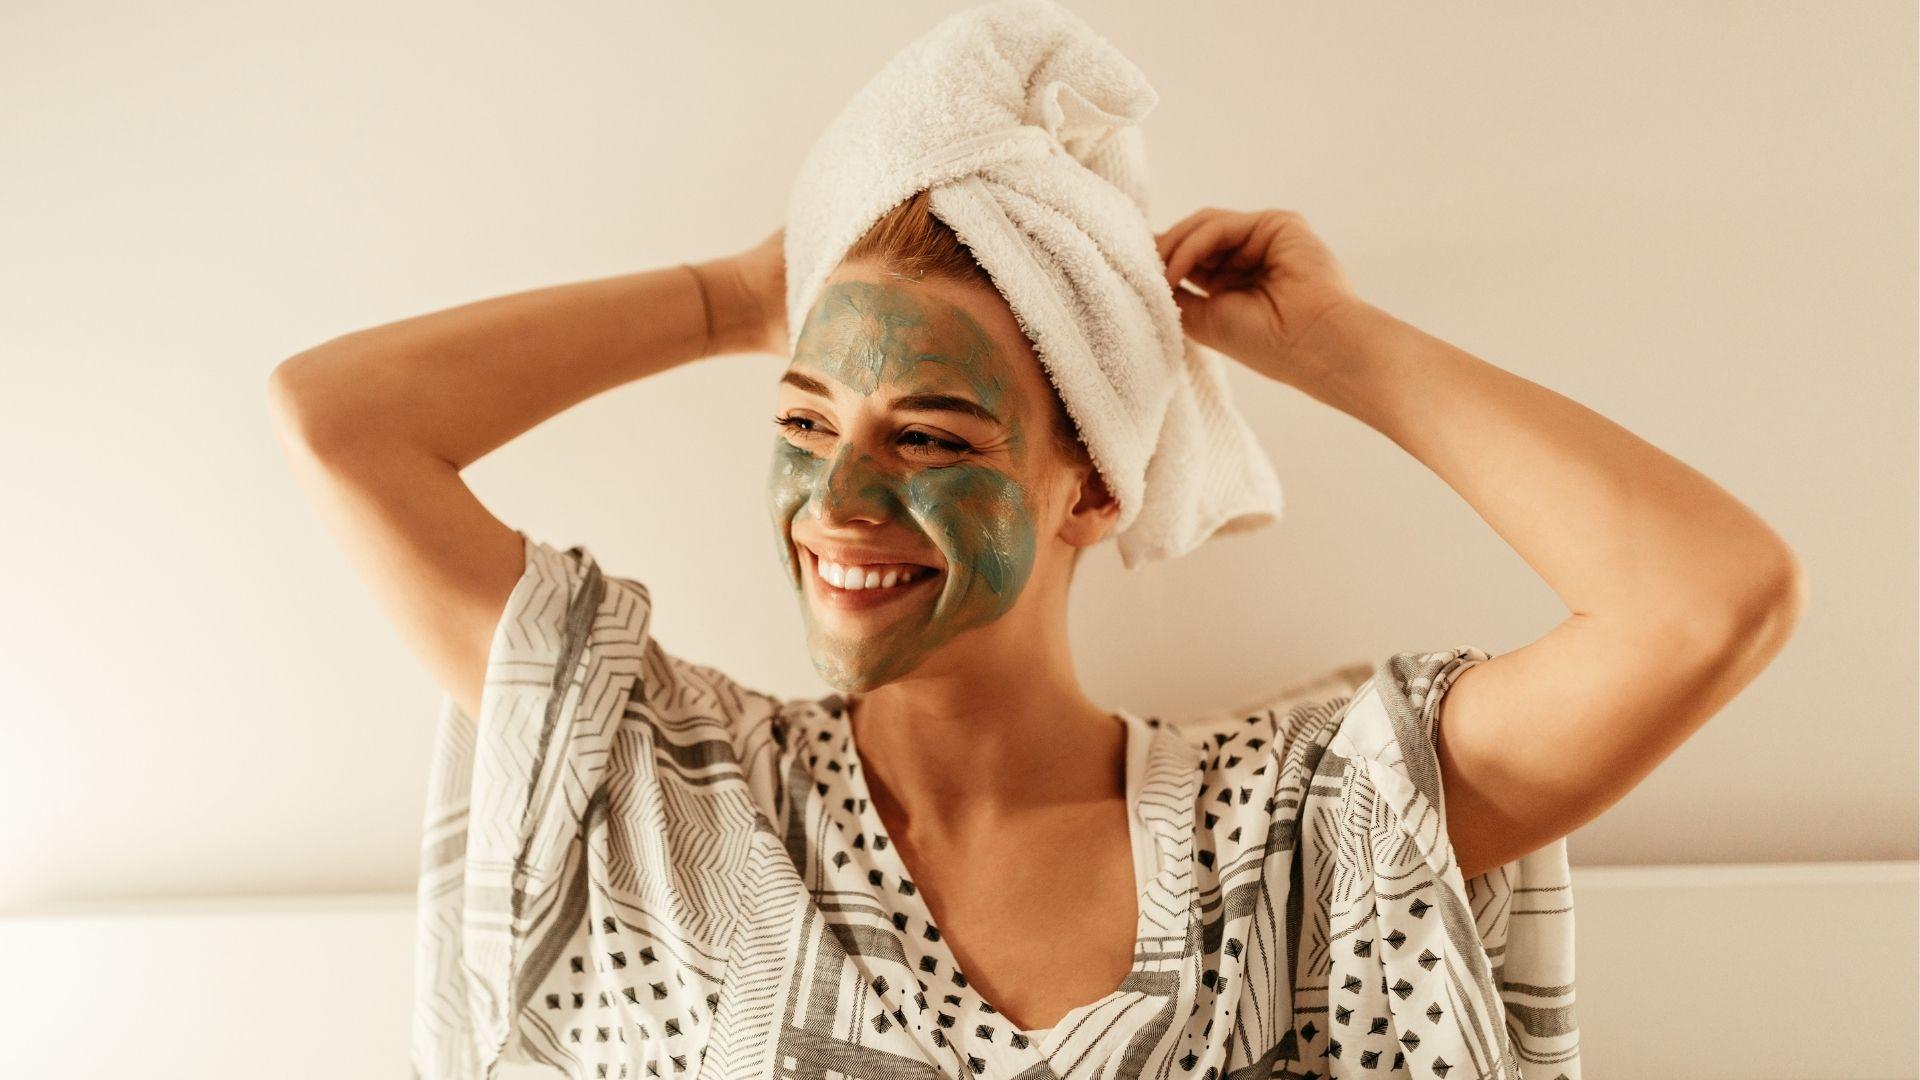 Happy customer enjoying beauty treatment.